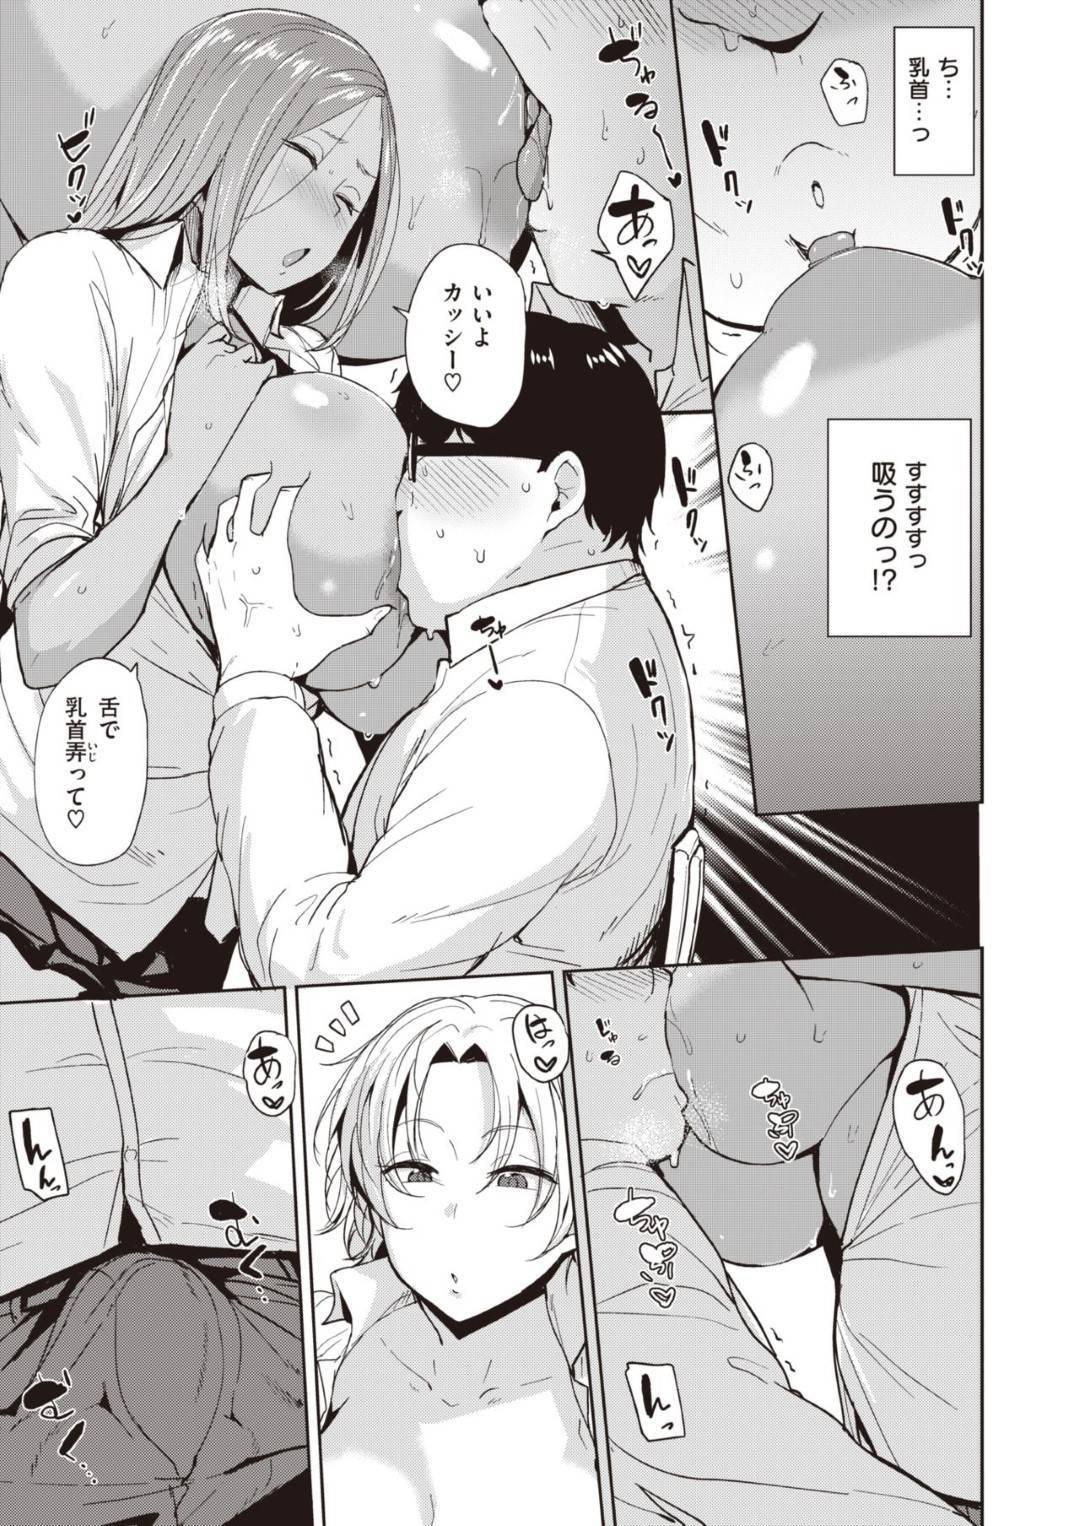 【JKギャル3Pエロ漫画】童貞オタクは、2人のギャルにゲームを教えてあげるとお礼をされる。おっぱいを堪能するとパイズリで責められ3P中出しセックスで筆下ろし【七尾ゆきじ】